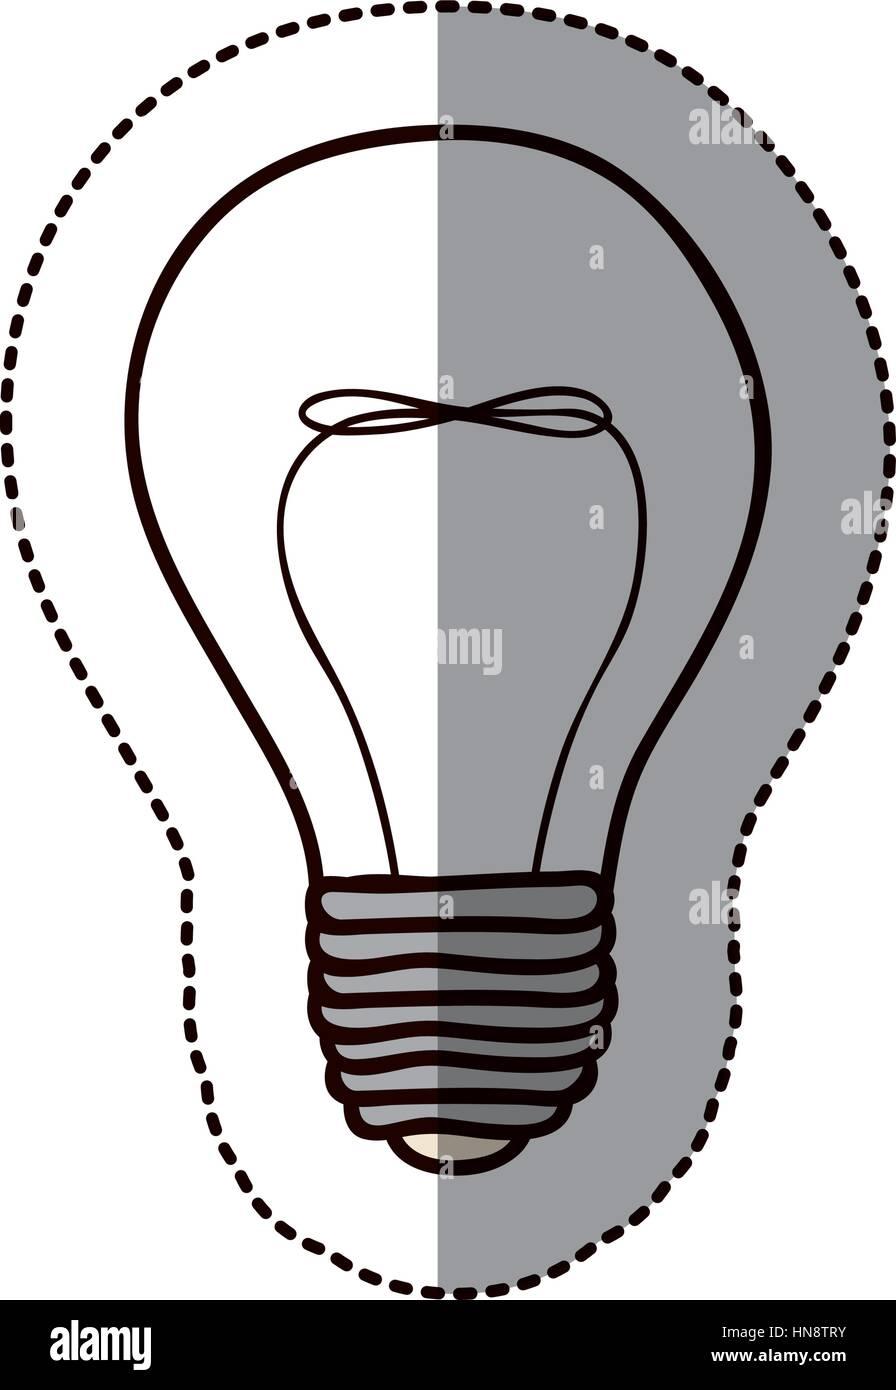 Ausgezeichnet Elektrische Schematische Diagrammsymbole ...